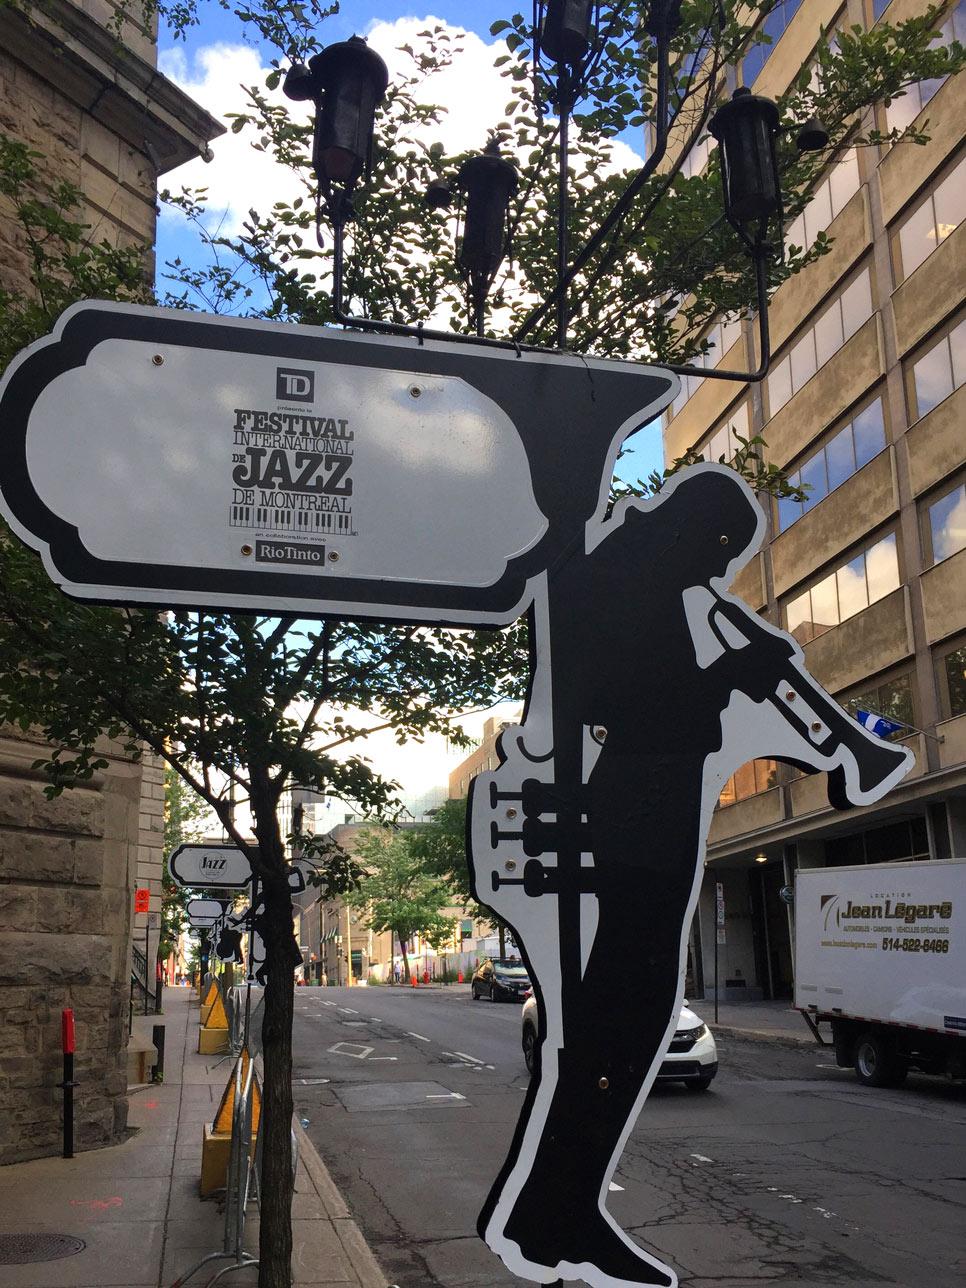 Montreal-Jazz-Festival-Street-Sign.jpg